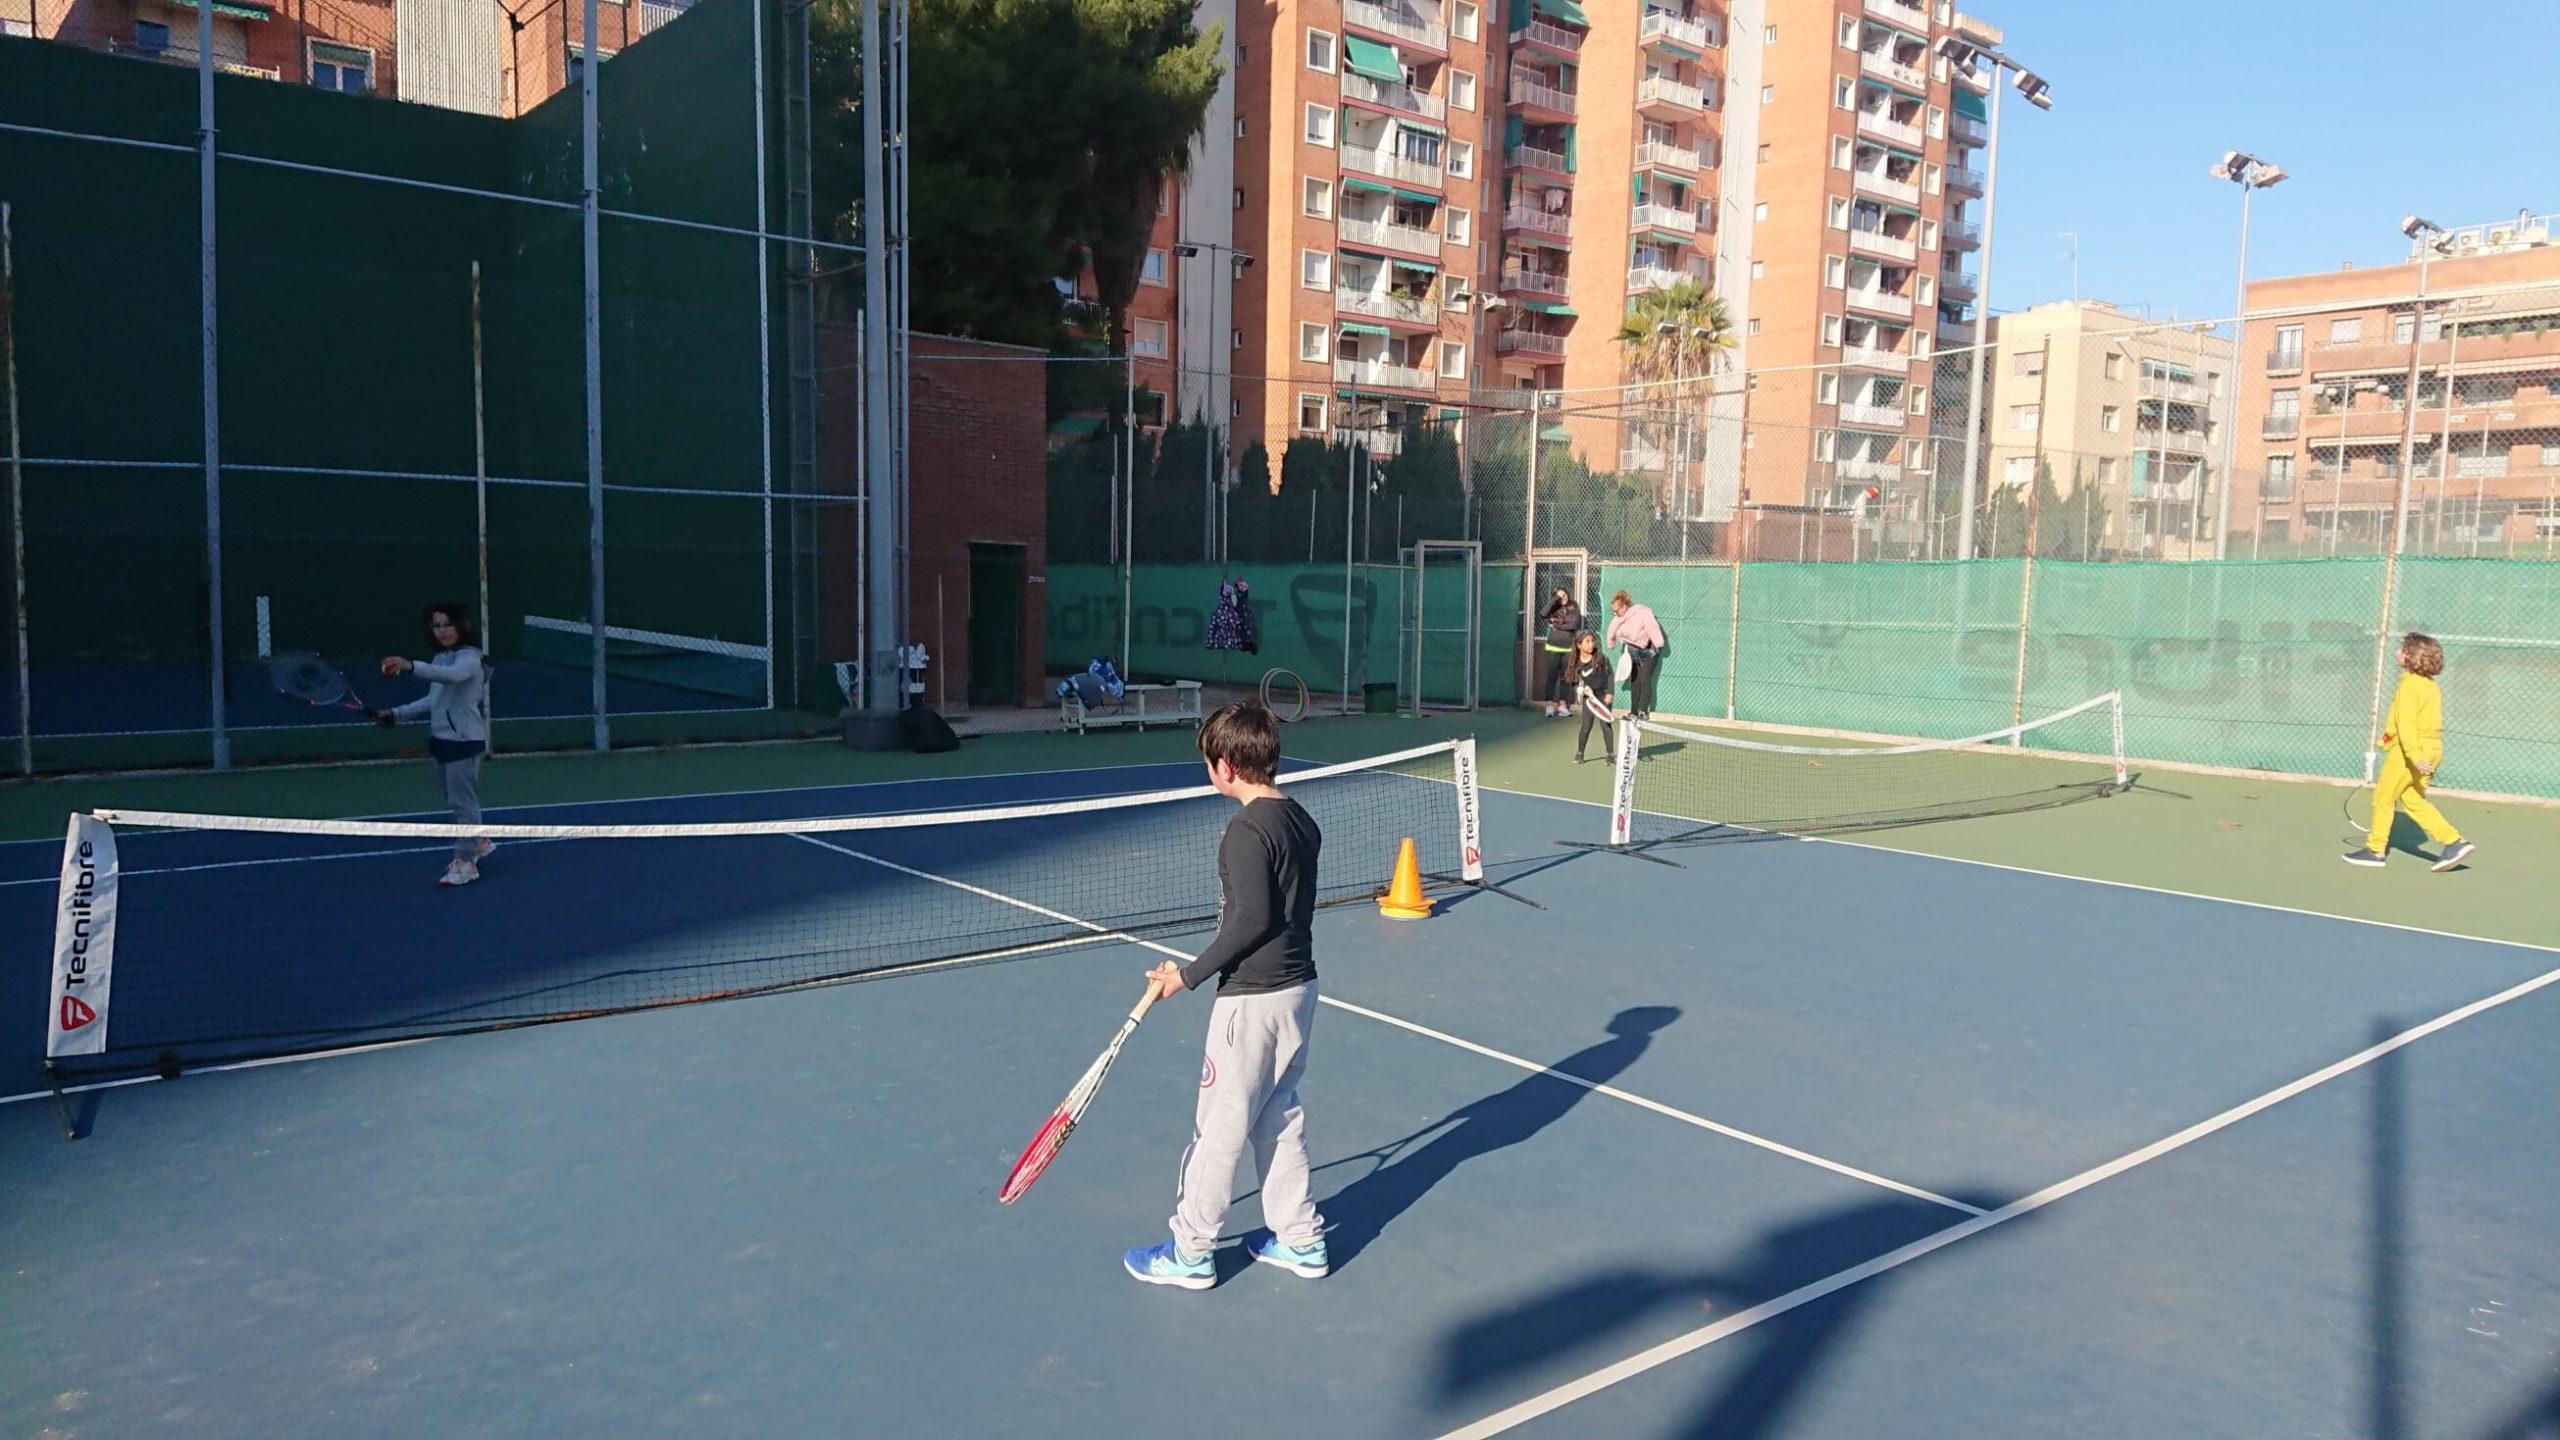 casal-tennis1